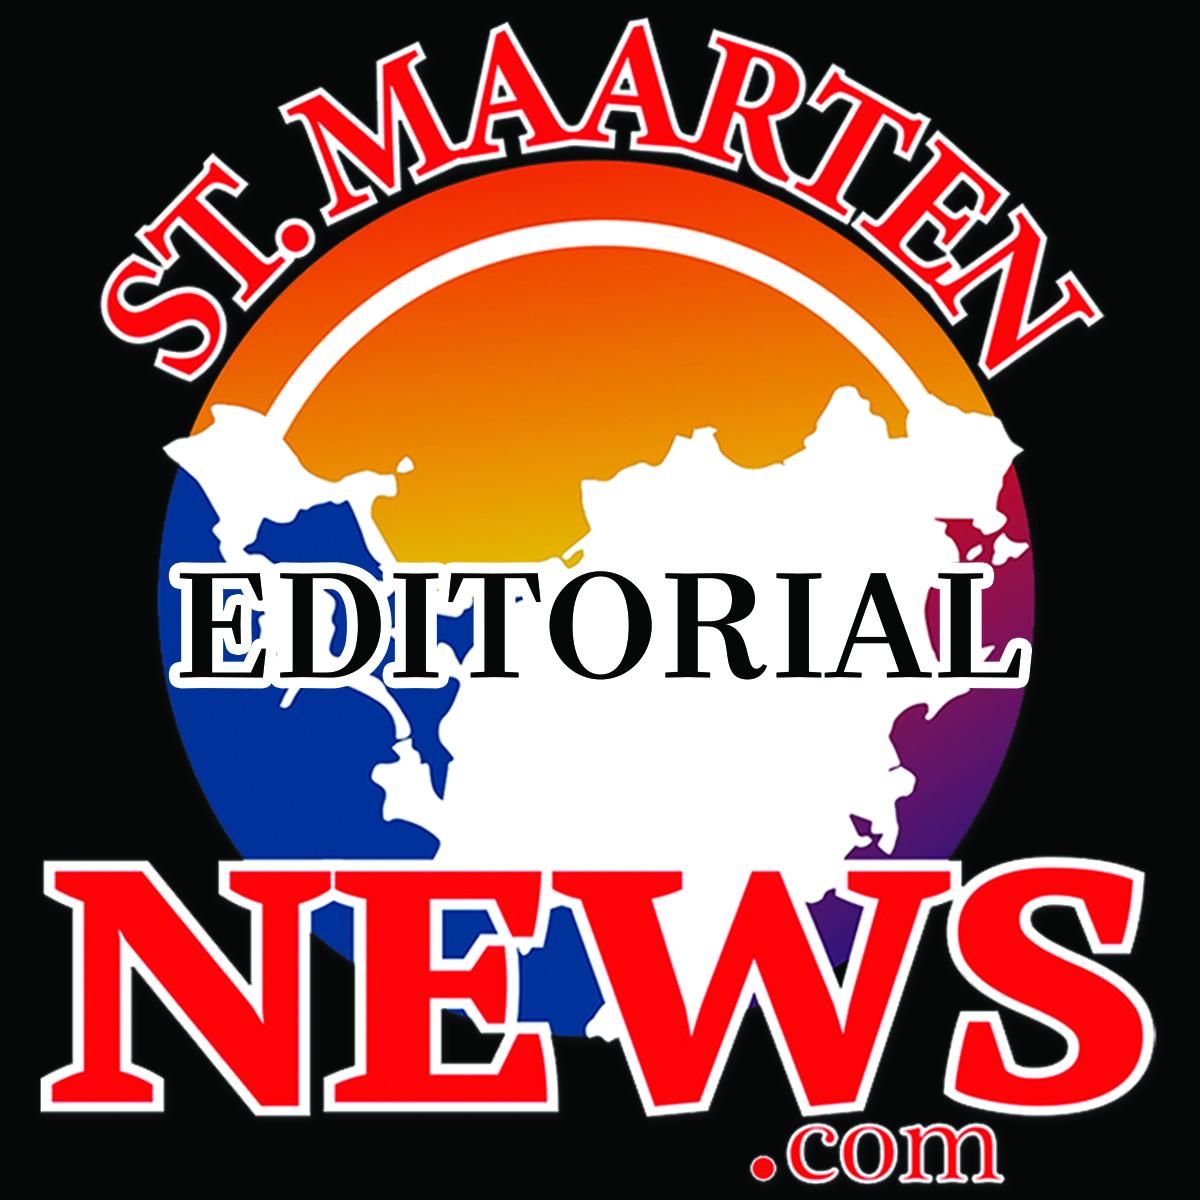 Editorial - St Maarten News